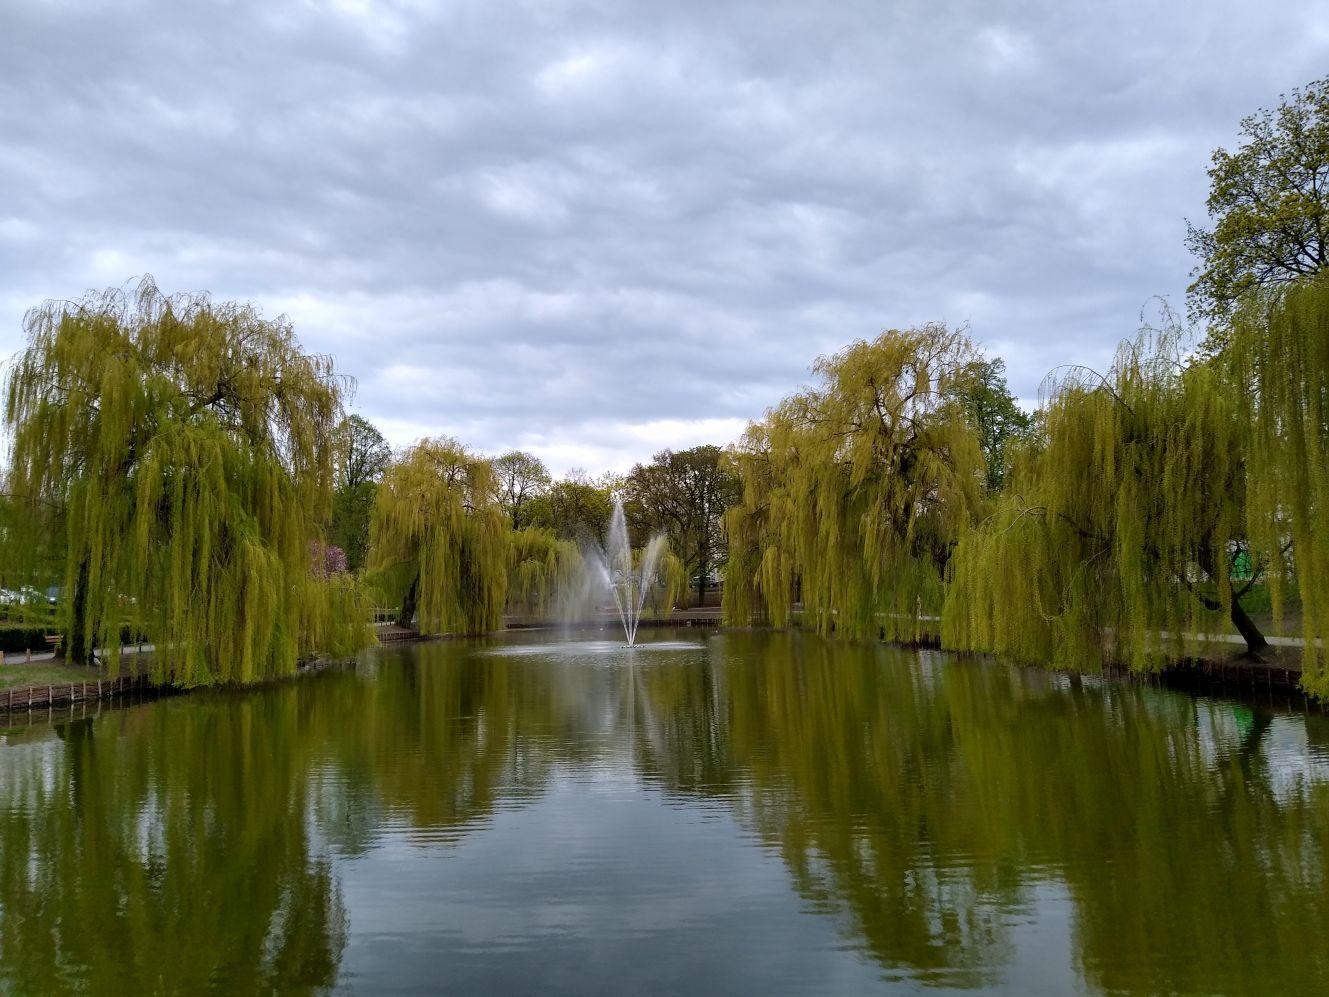 Wiosna w Kutnie w obiektywie. Jak wyglądają parki i ulice? [ZDJĘCIA] - Zdjęcie główne